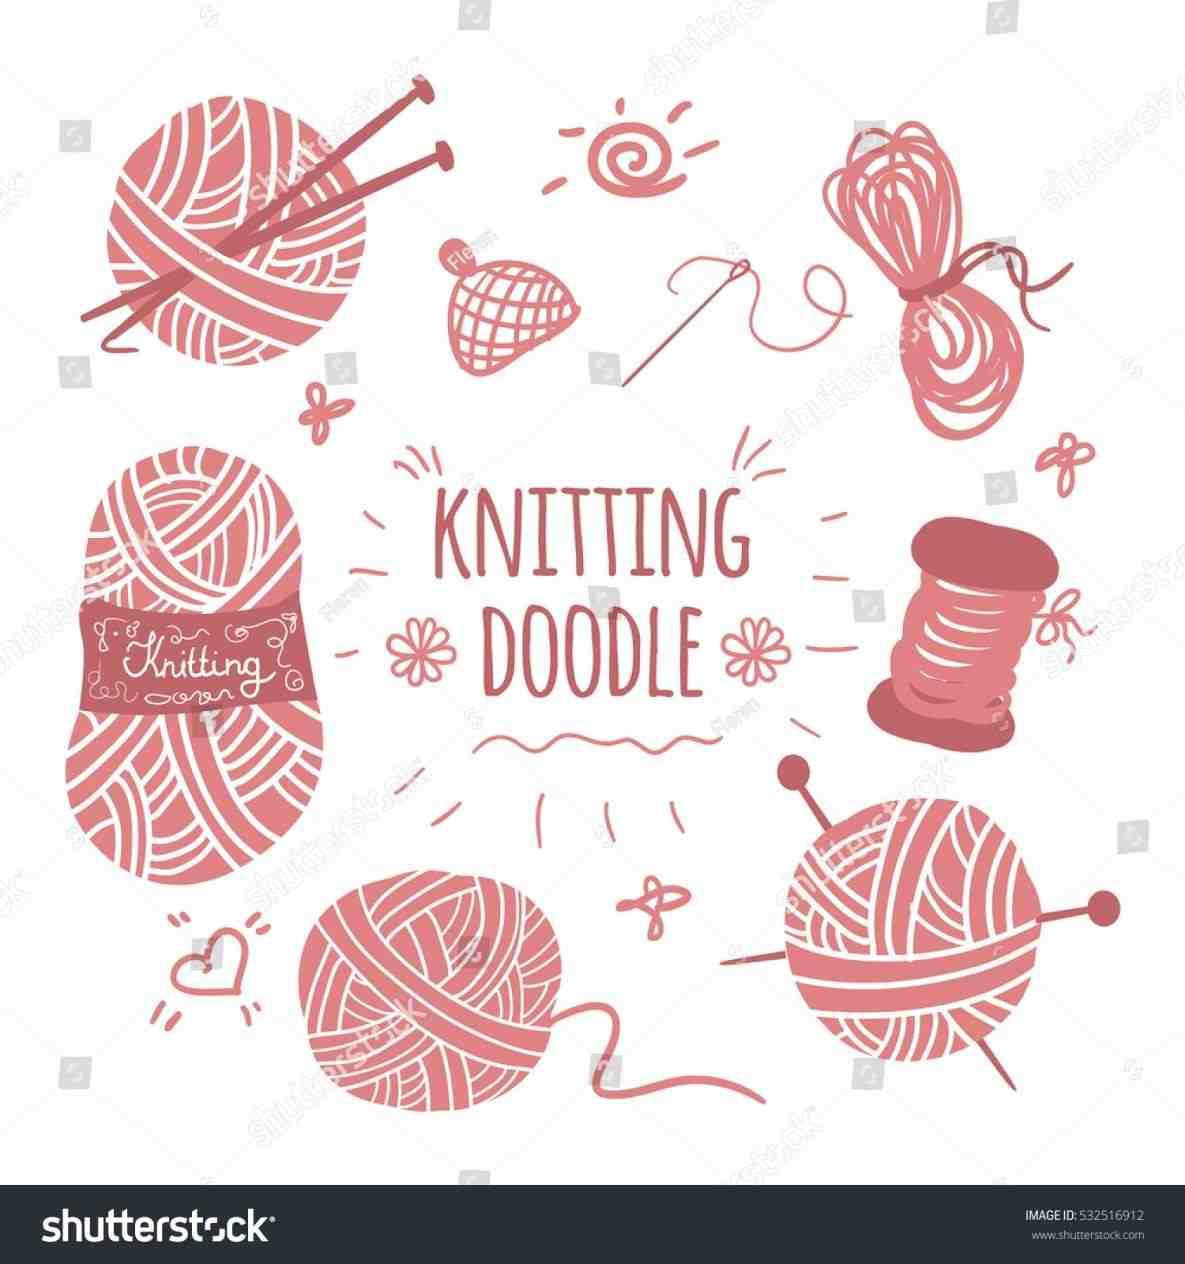 1185x1264 Vector Rhshutterstockcom Crochet Hand Made Banner Illustration